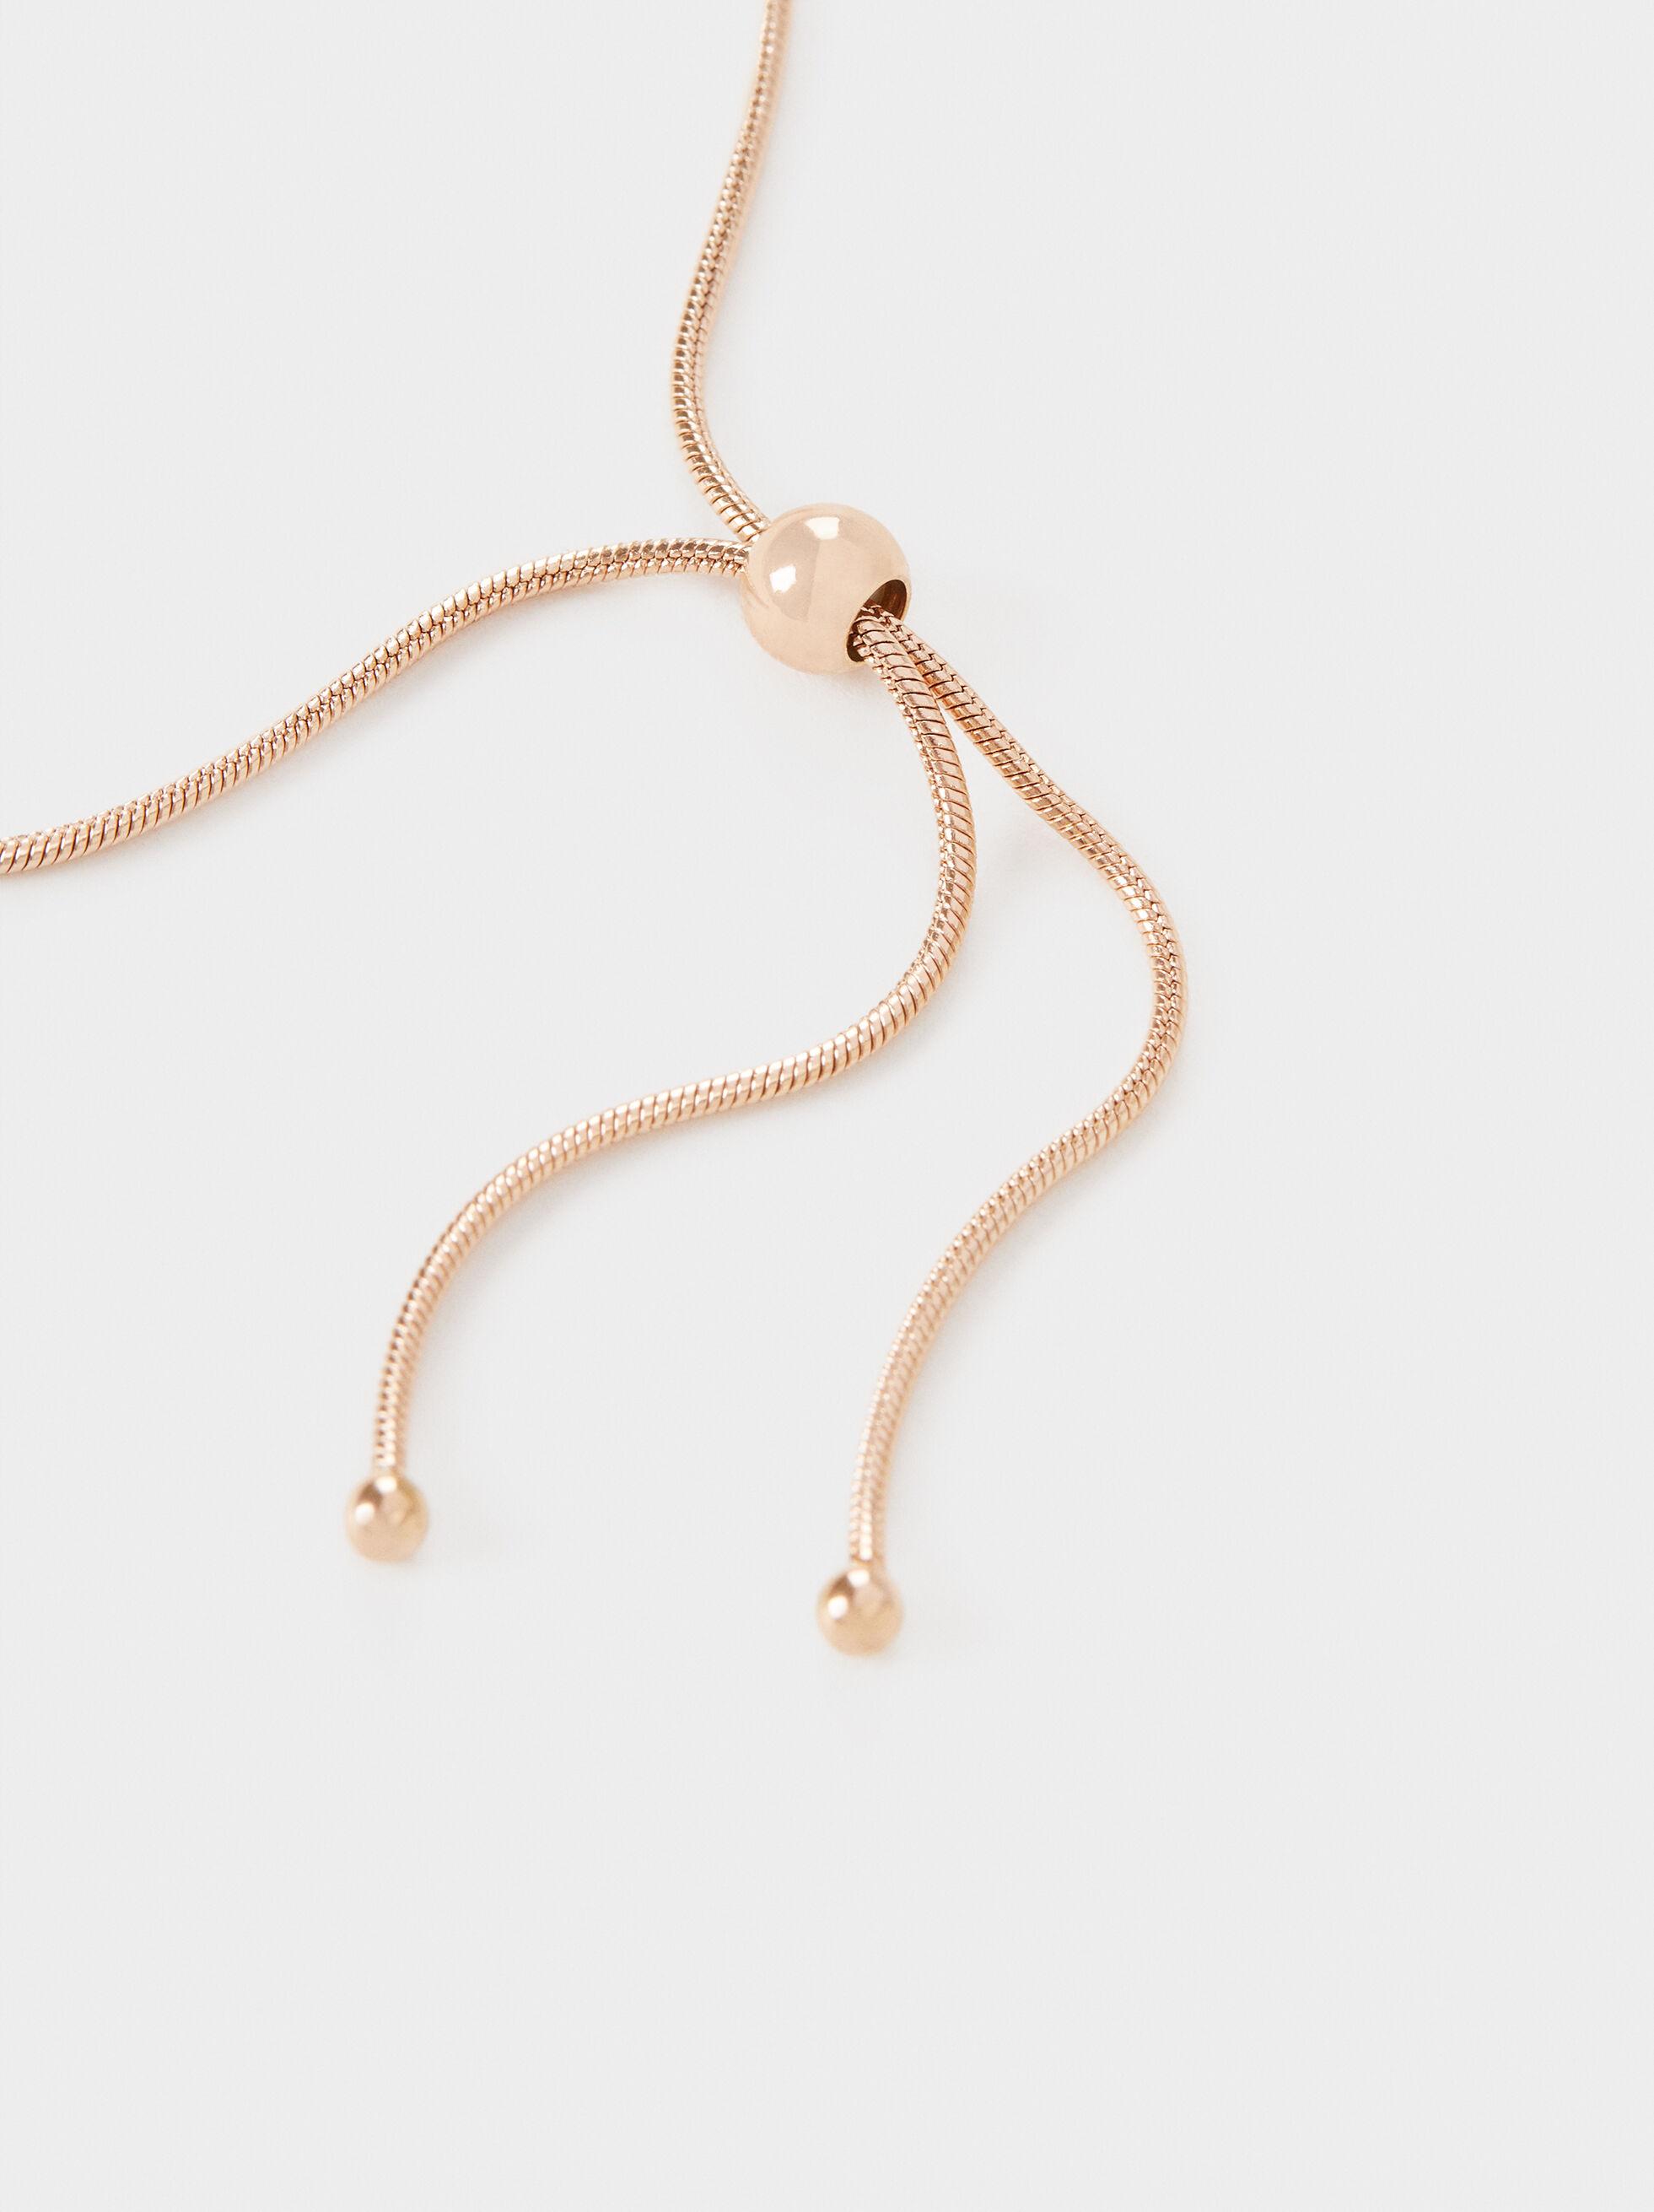 Adjustable Steel Bracelet With Star, Multicolor, hi-res